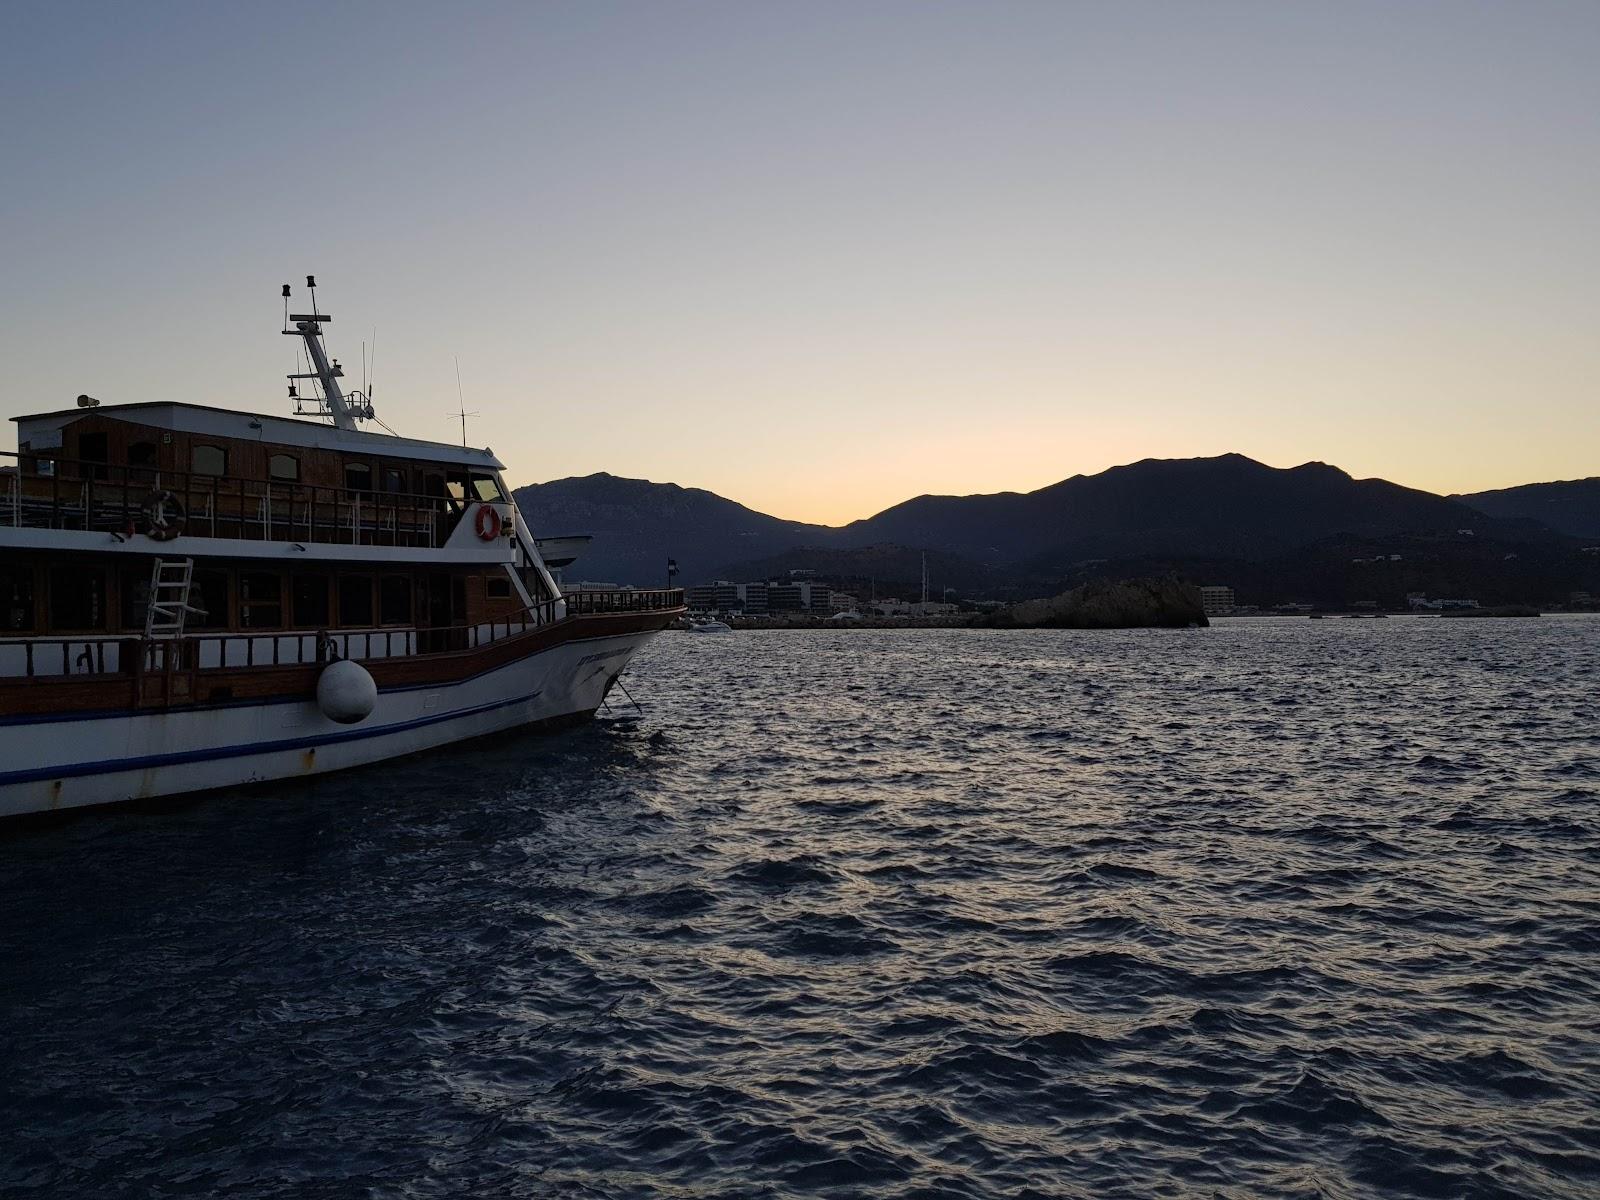 איי יוון אוכל יווני המלצות אטרקציות למטייל טיול משפחה זוגות לאן לטוס אחרי הקורונה מדינות ירוקות קרפטוס